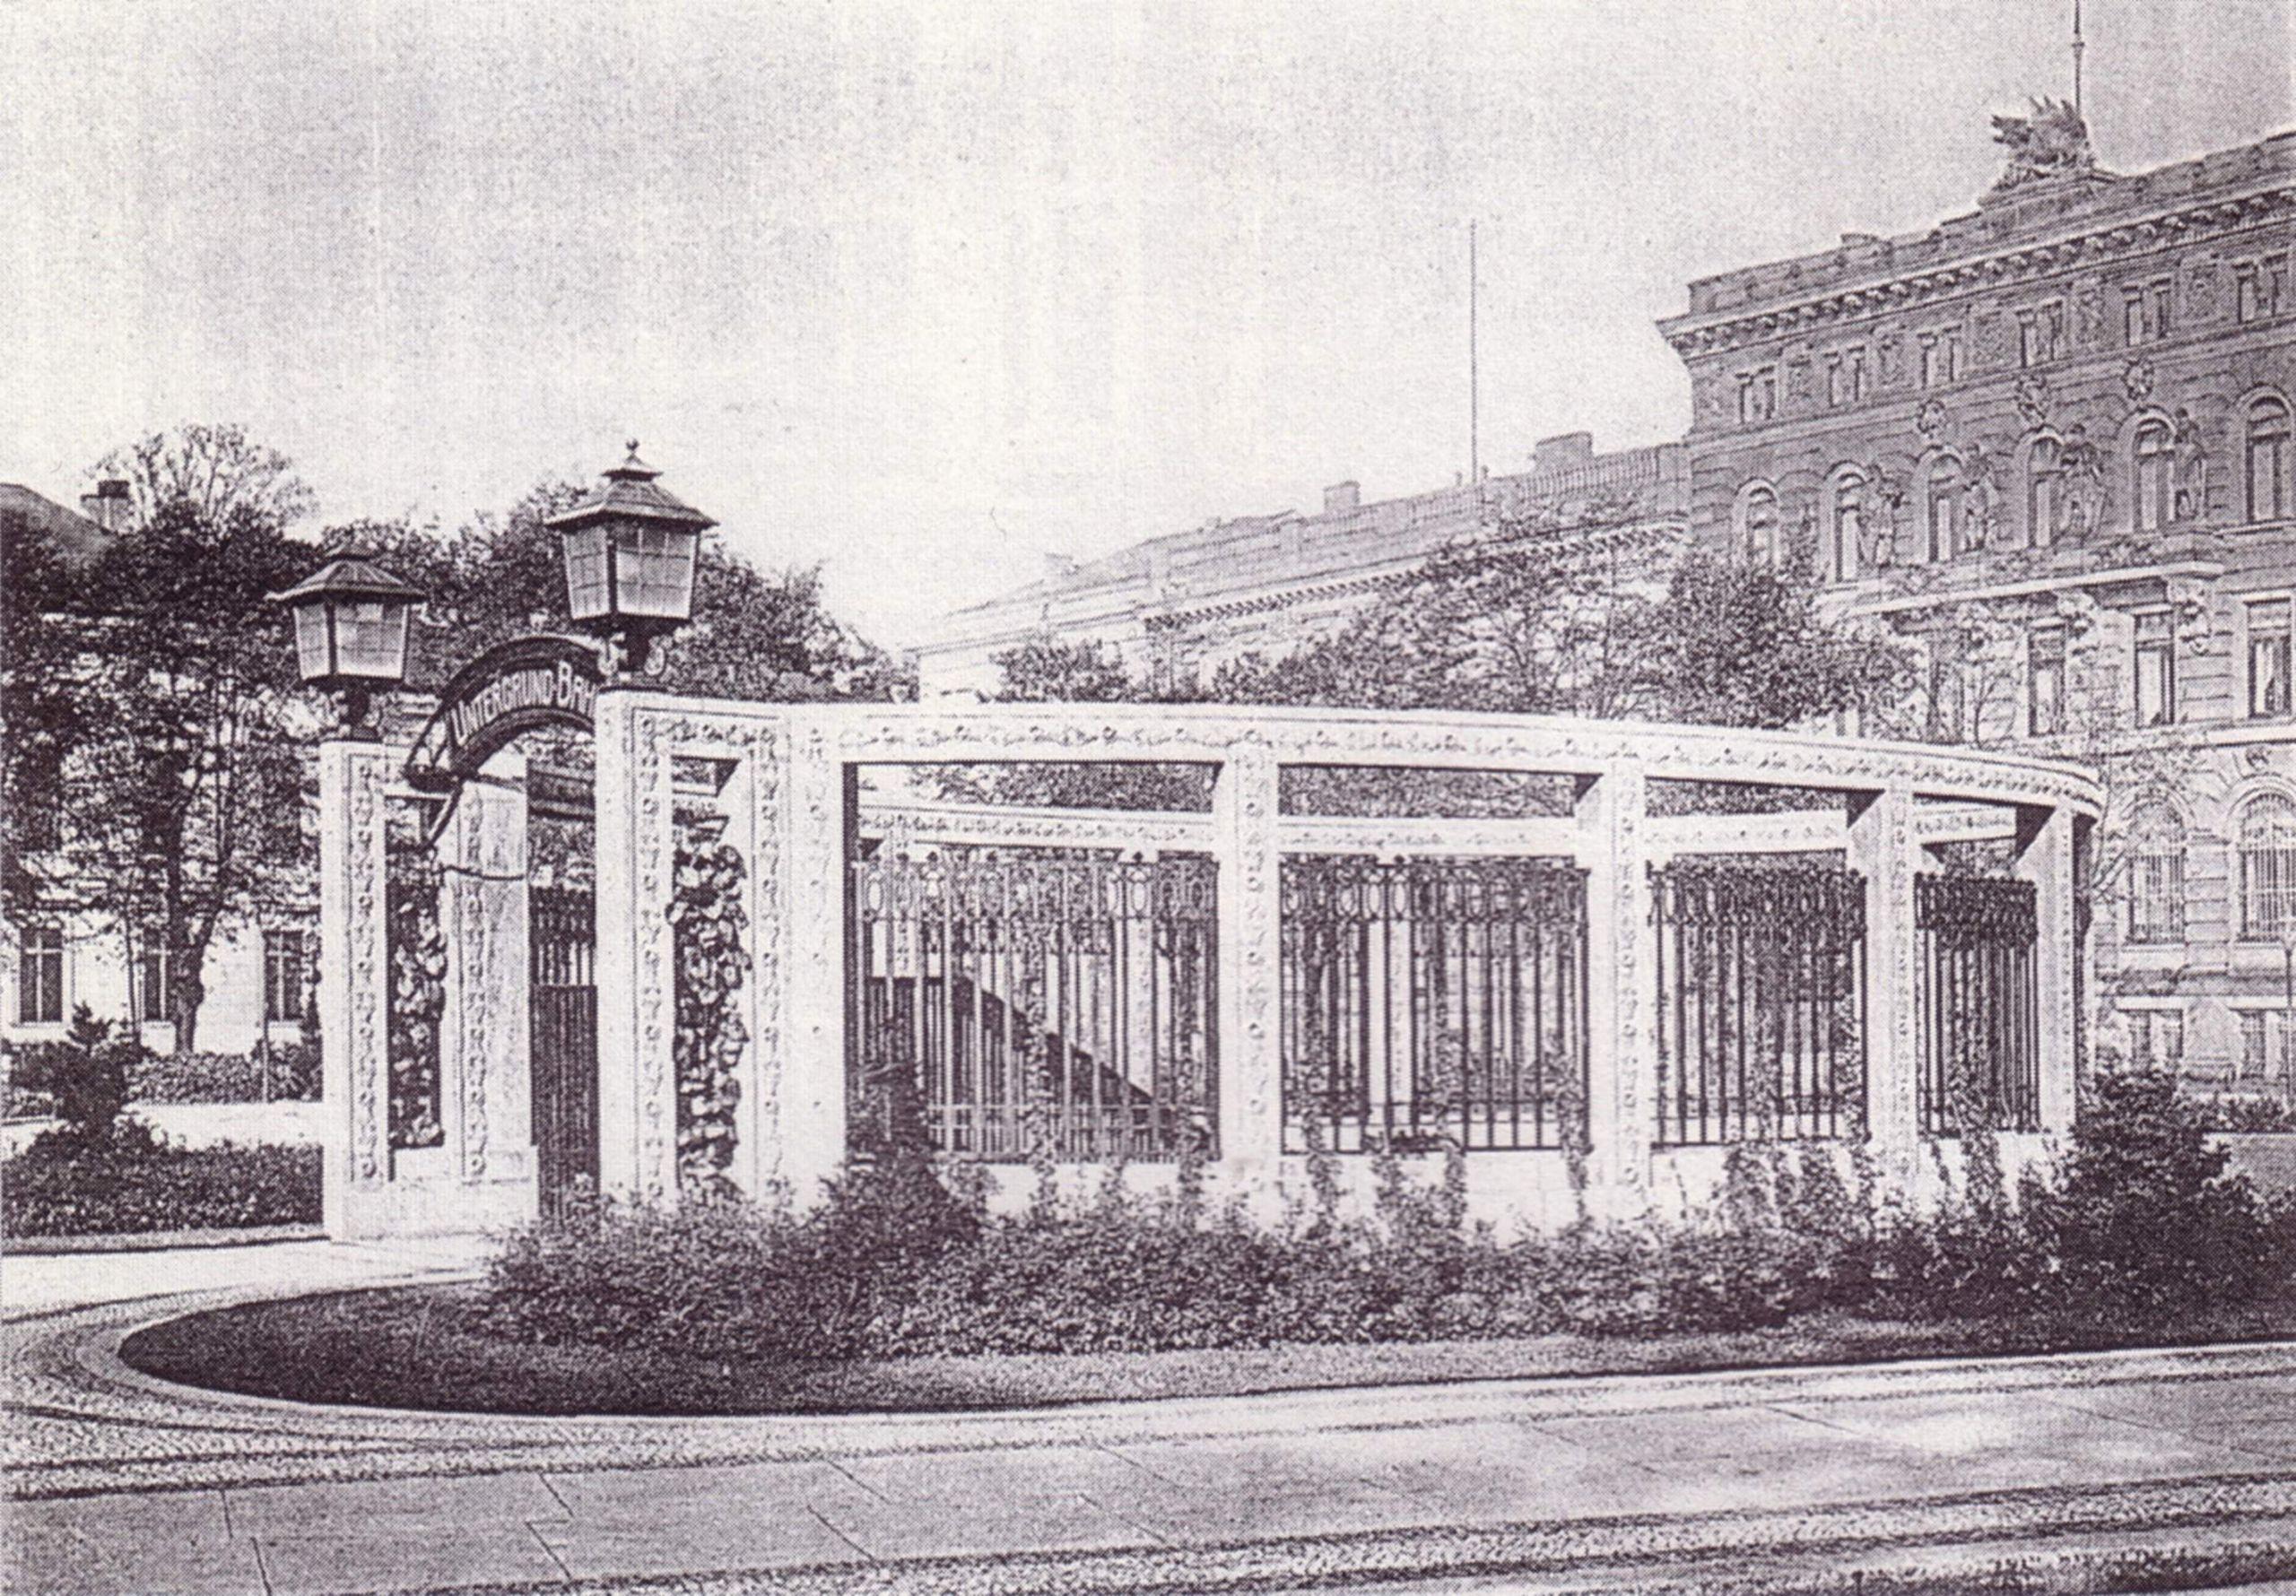 U Bahn Berlin Kaiserhof 1910